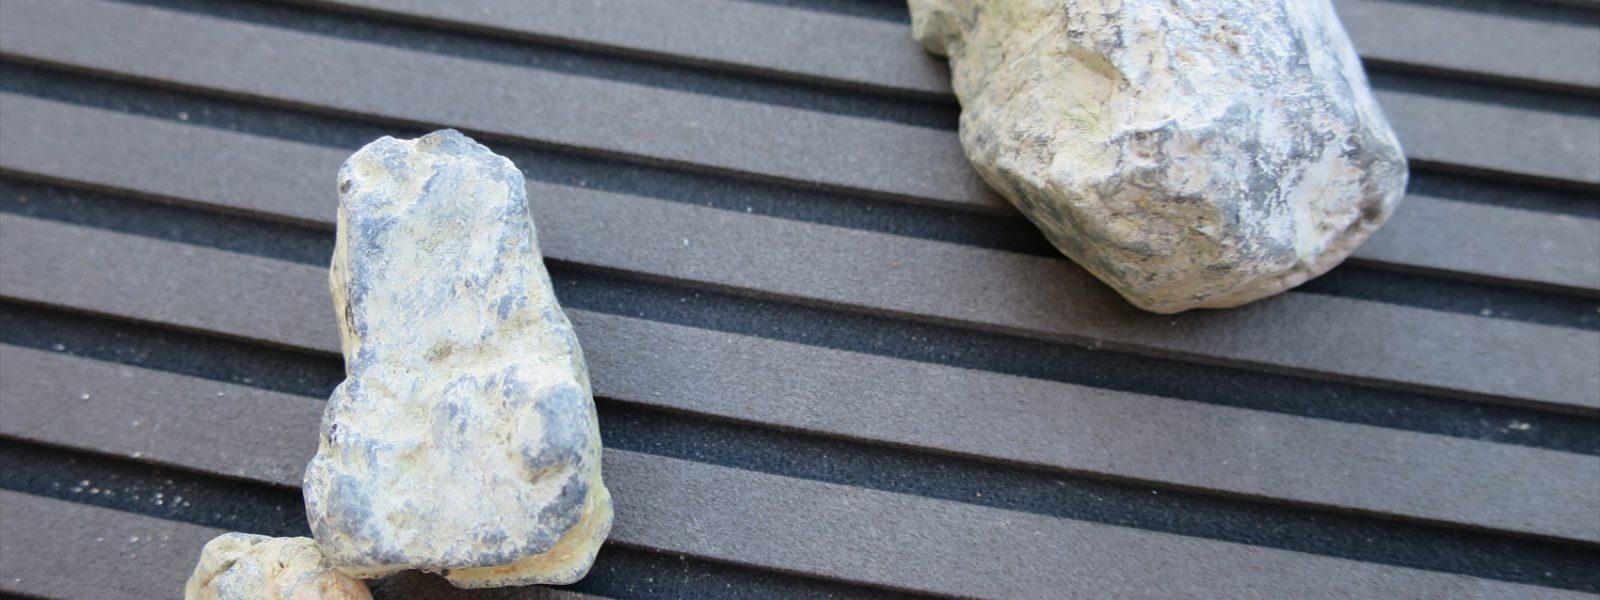 ポンプ石噛み修理